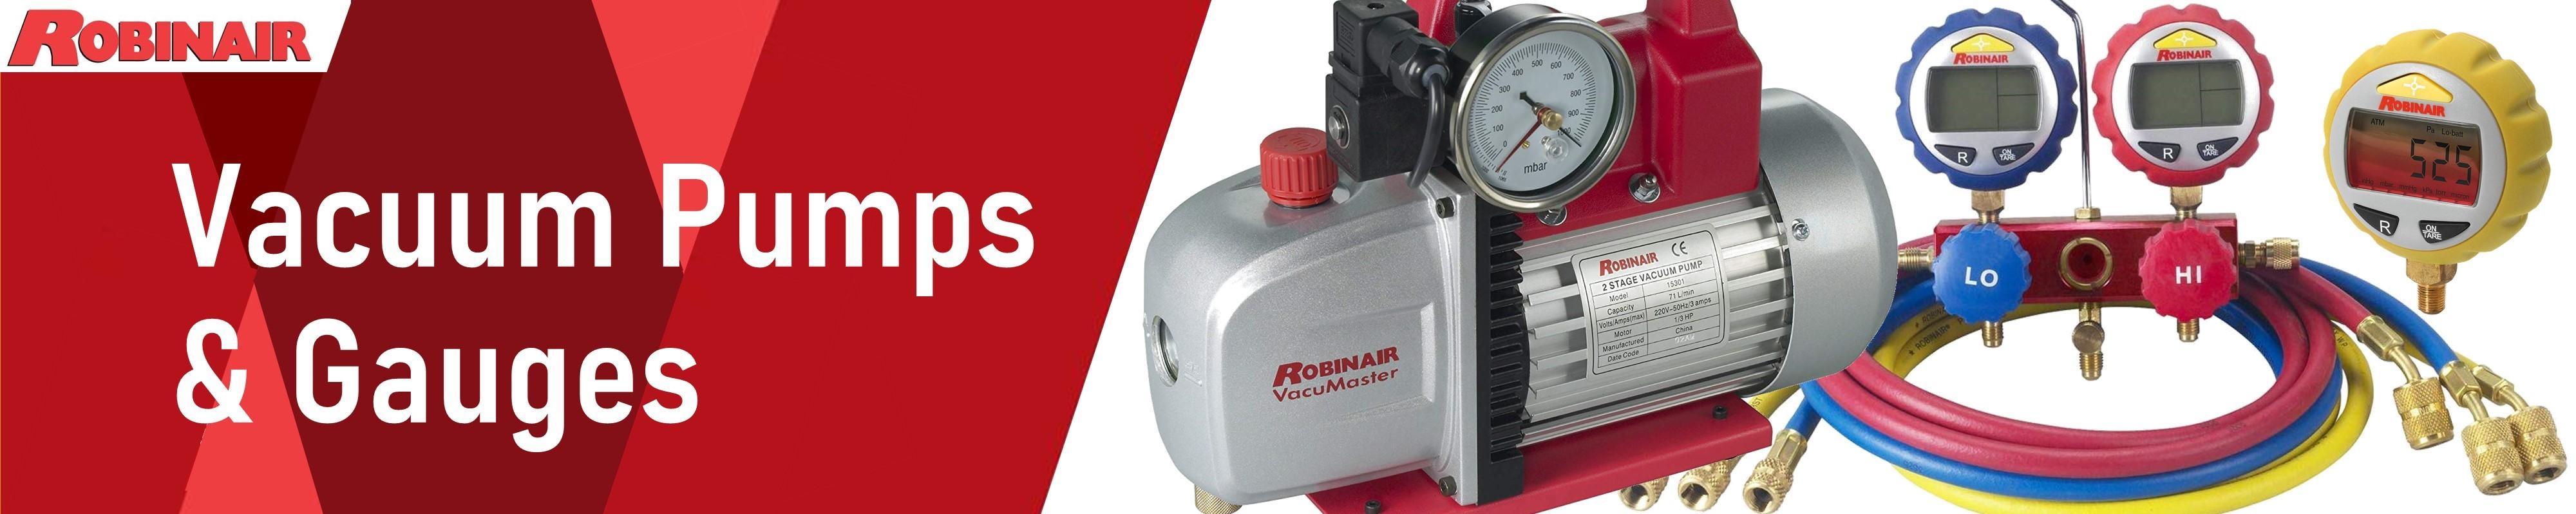 118 liters//minute Robinair VacuMaster Economy Vacuum Pump 15501 2-Stage